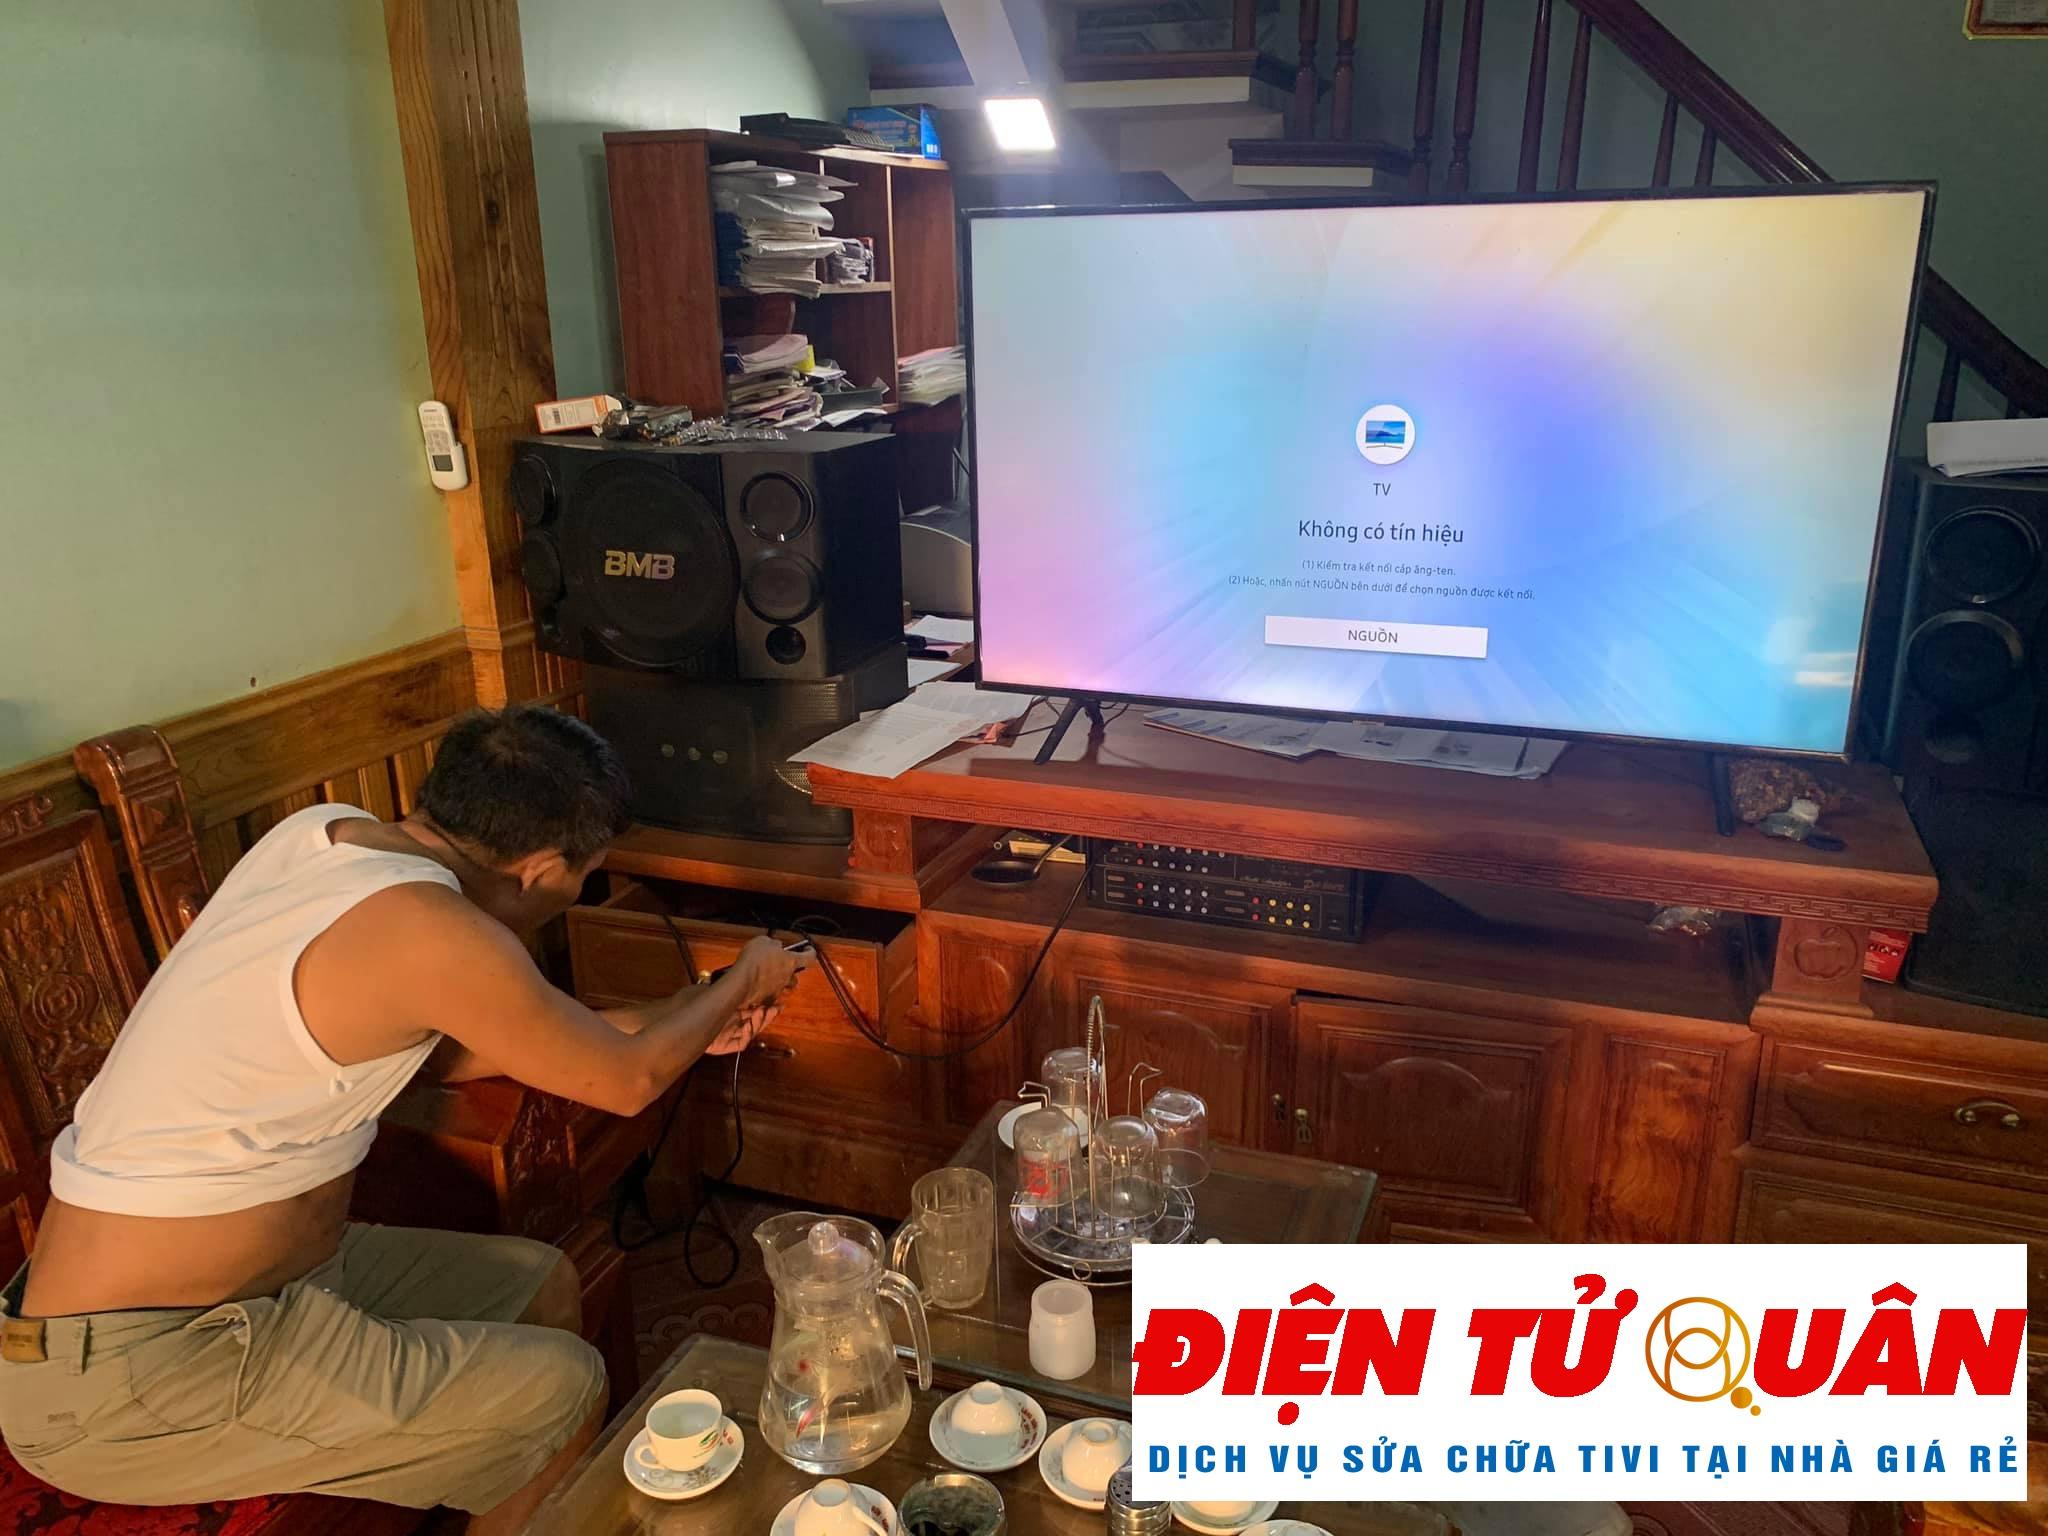 Dịch Vụ Sửa Tivi Samsung Tại Nhà Quận Tân Bình Giá Rẻ